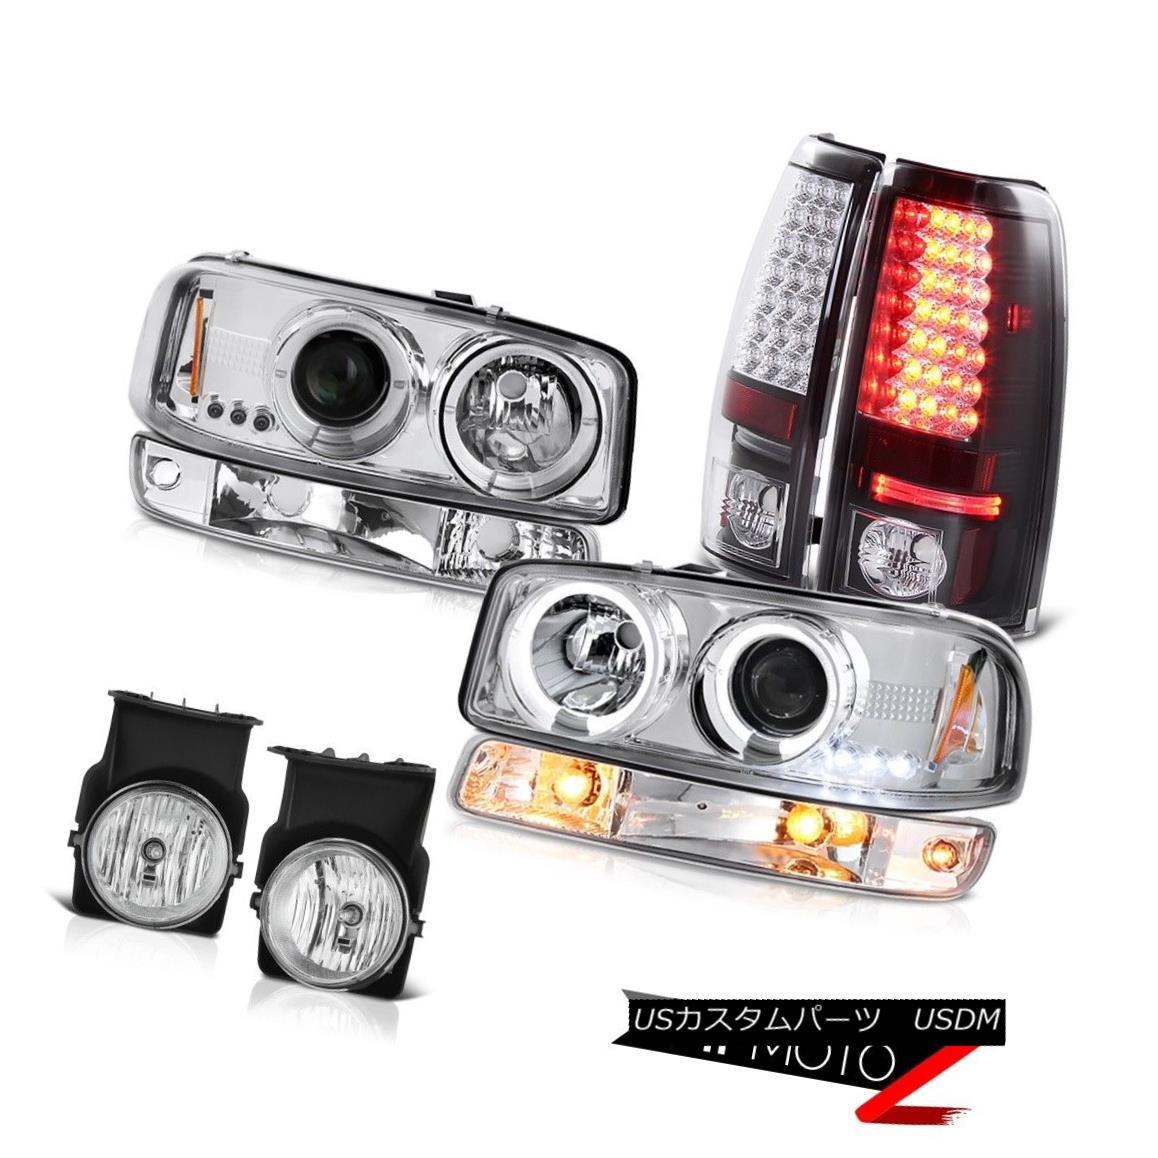 テールライト 2003-2006 Sierra WT Fog lights raven black rear brake bumper light Headlamps 2003-2006シエラWTフォグライトレーブンブラックリアブレーキバンパーライトヘッドランプ